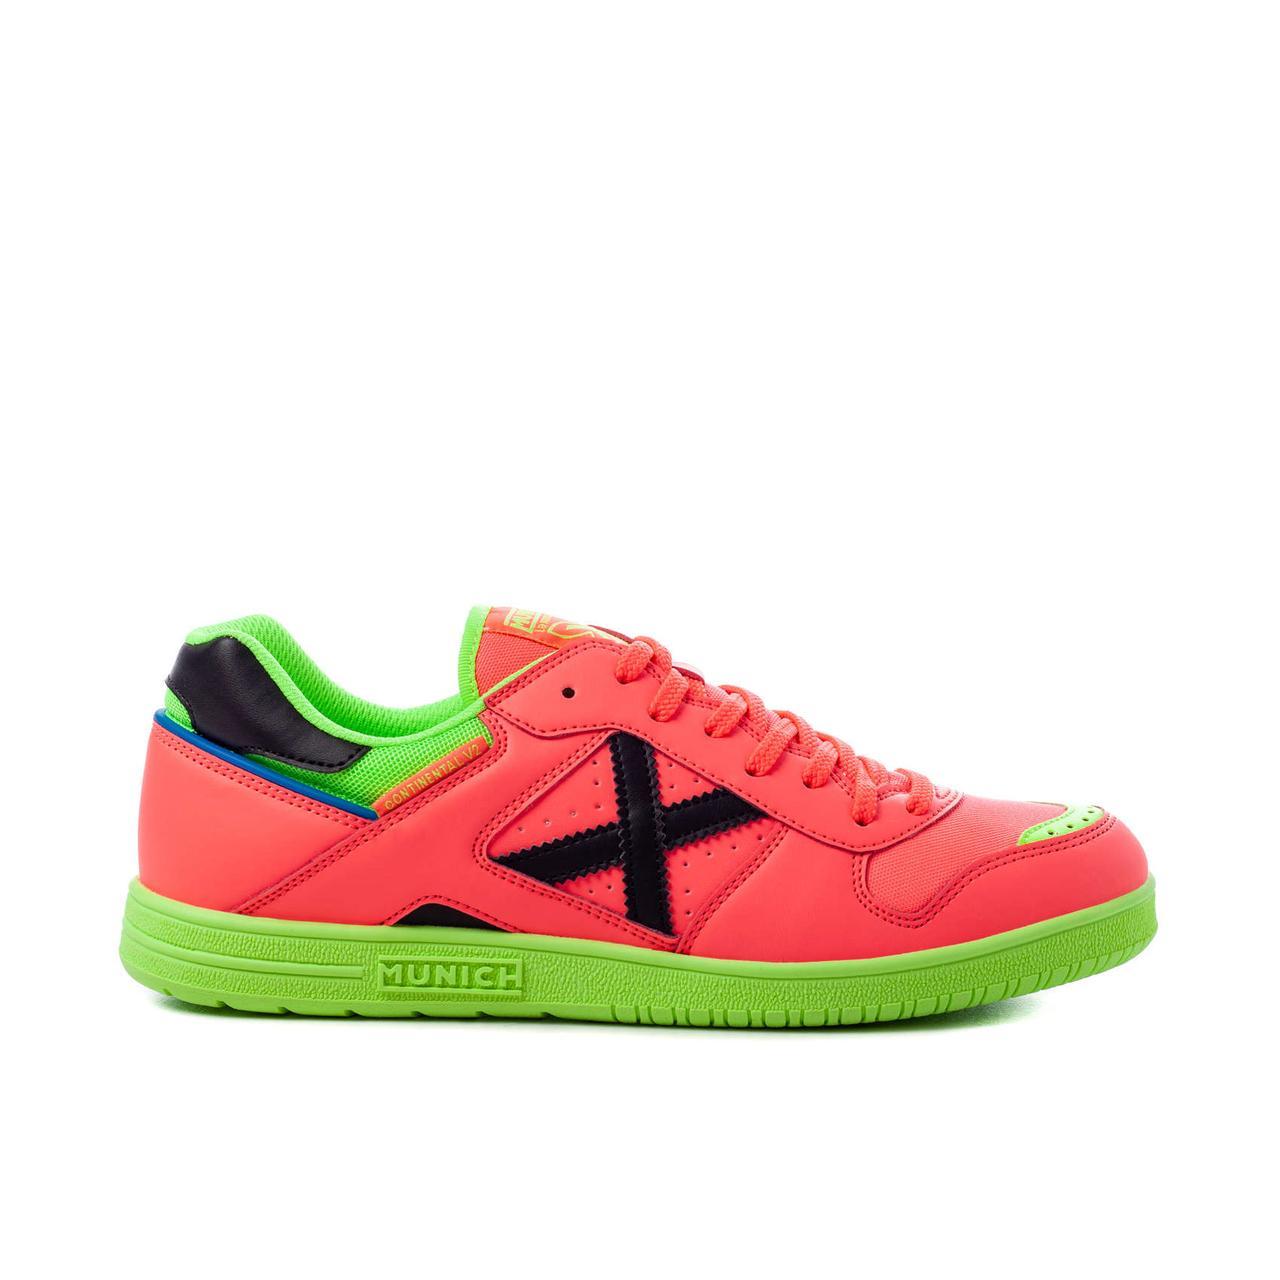 Футзалки MUNICH X CONTINENTAL V2 10  обувь для зала